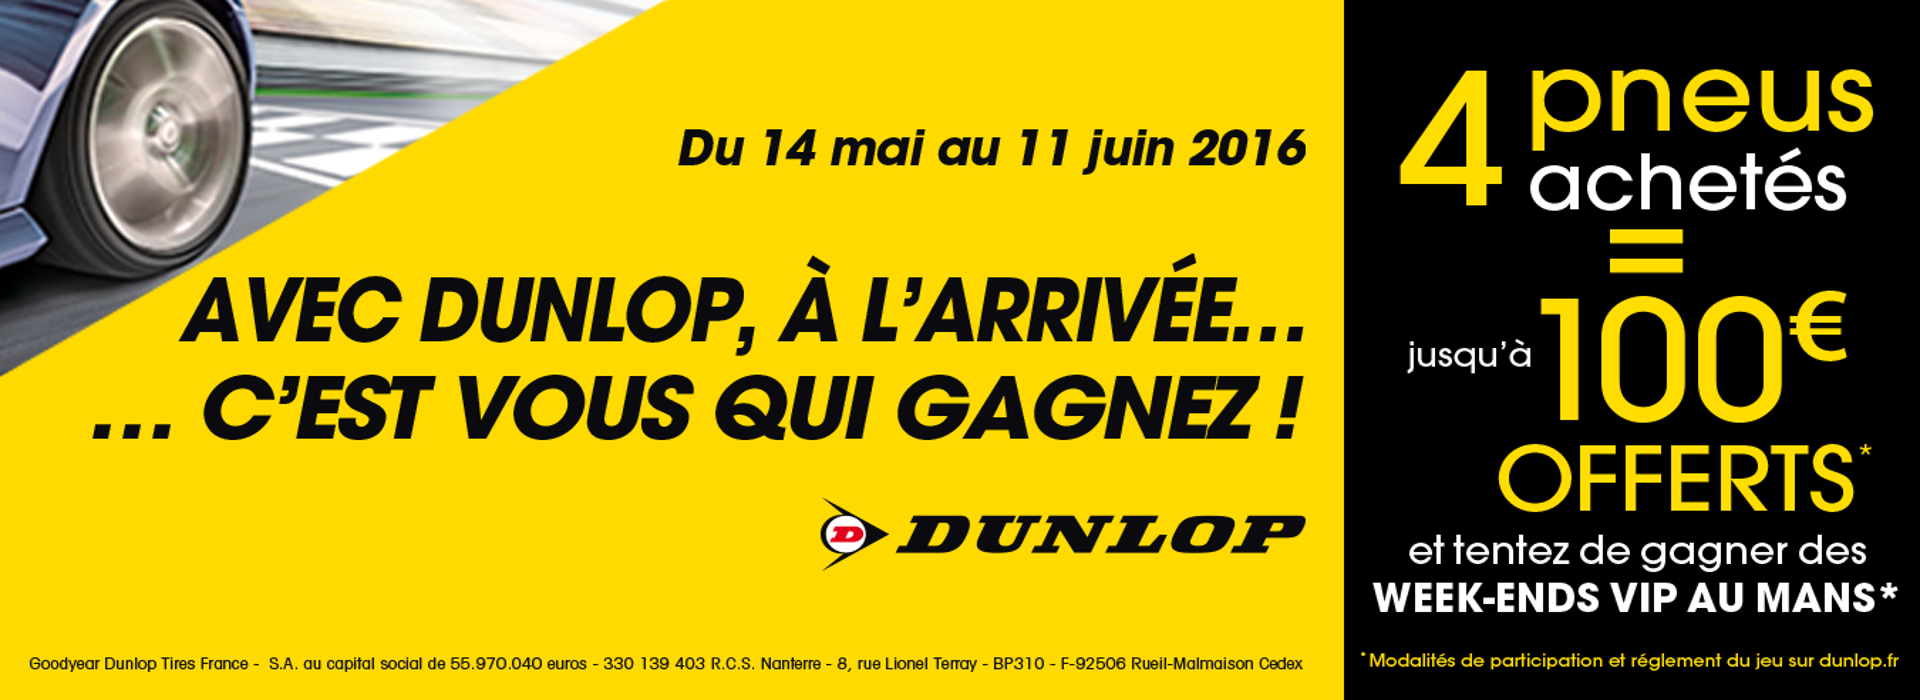 Avec Dunlop, 4 Pneus achetés= jusqu'à 100€ offerts